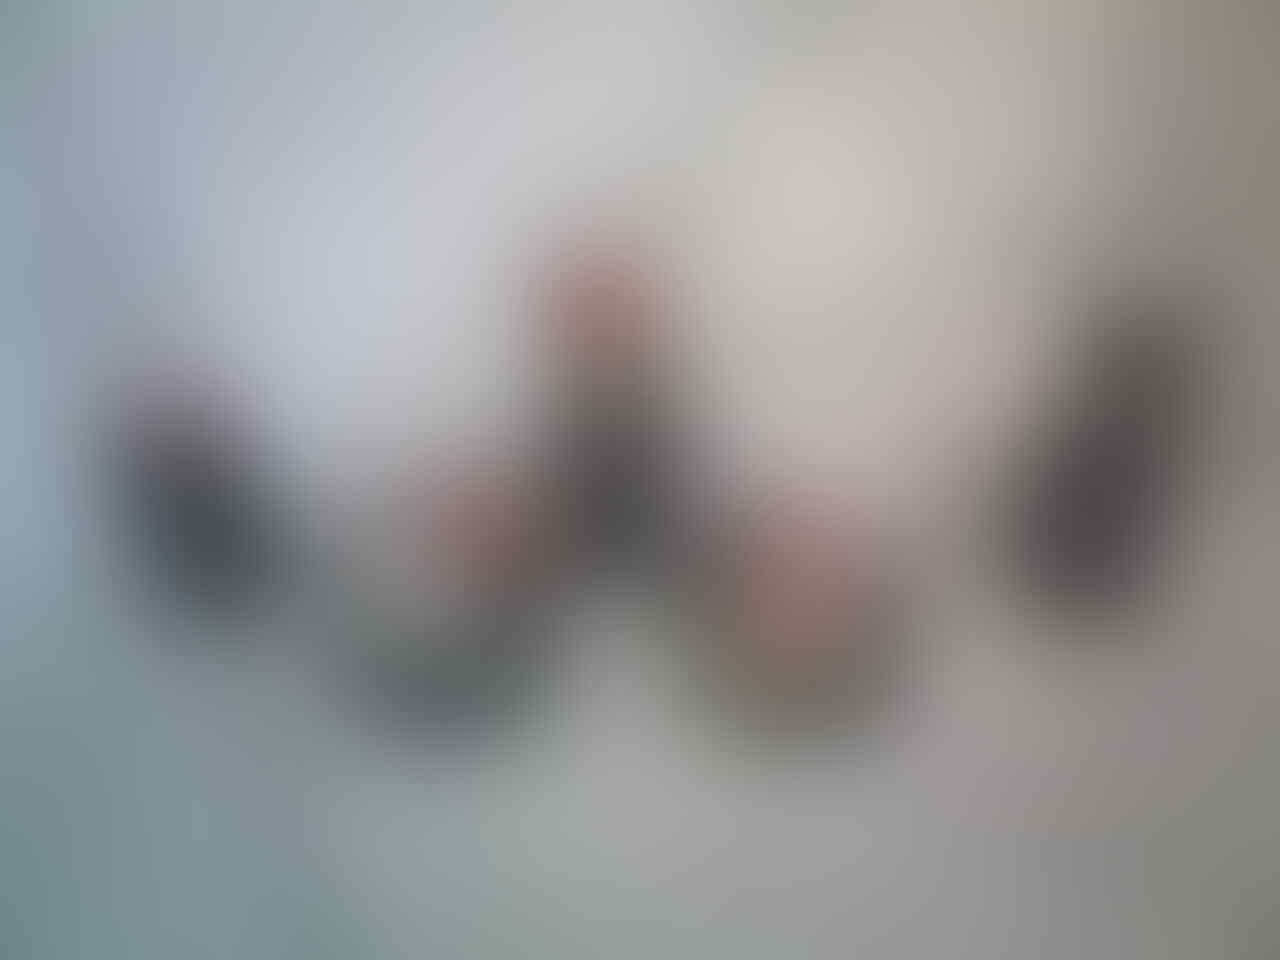 [JUAL] Mobo Asus P5B LGA775 Second